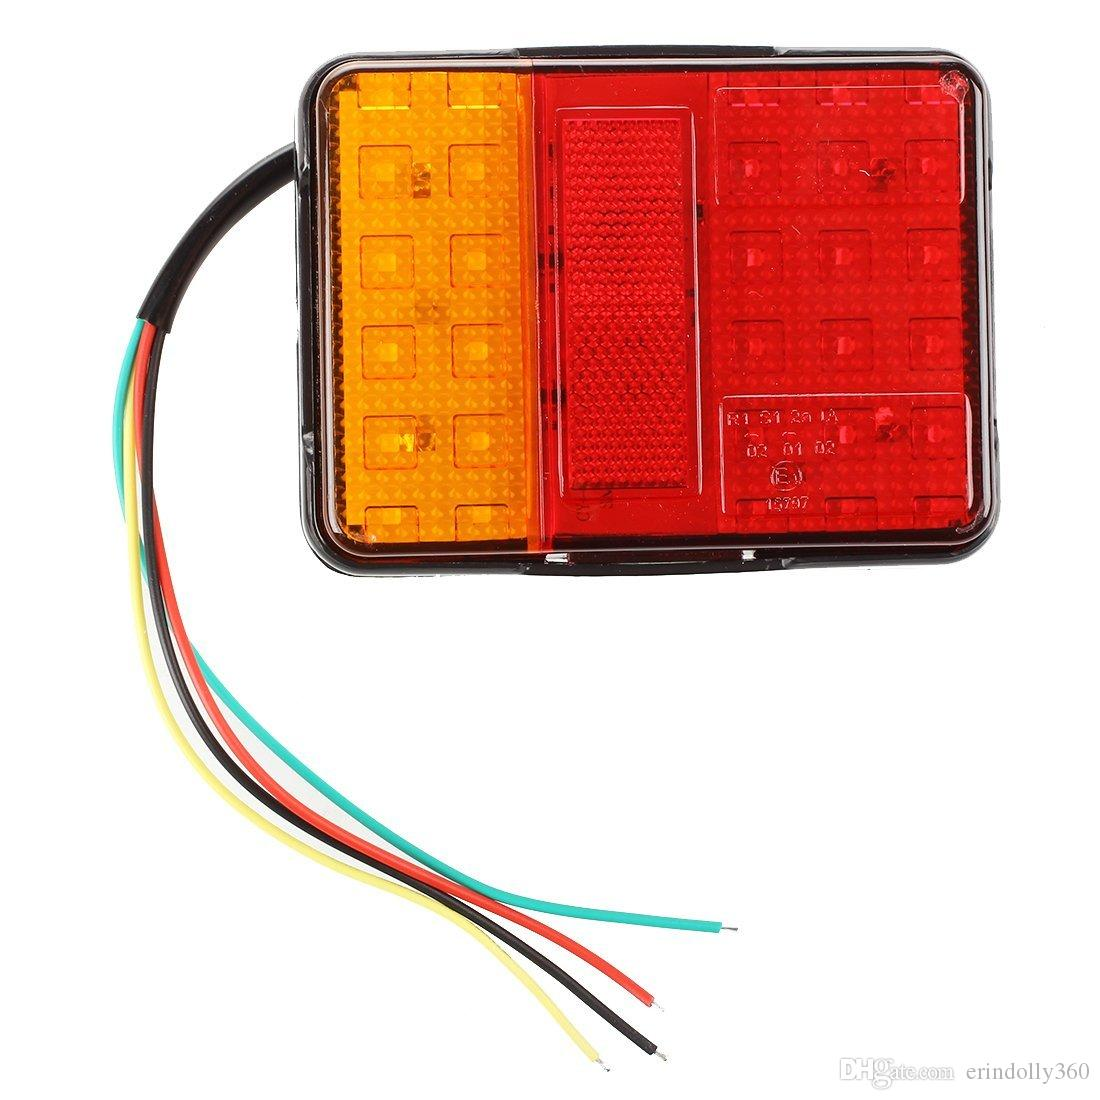 2x 30 LED Impermeabile 2W Tail Rear Light Lampada rossa / gialla per barca per rimorchio